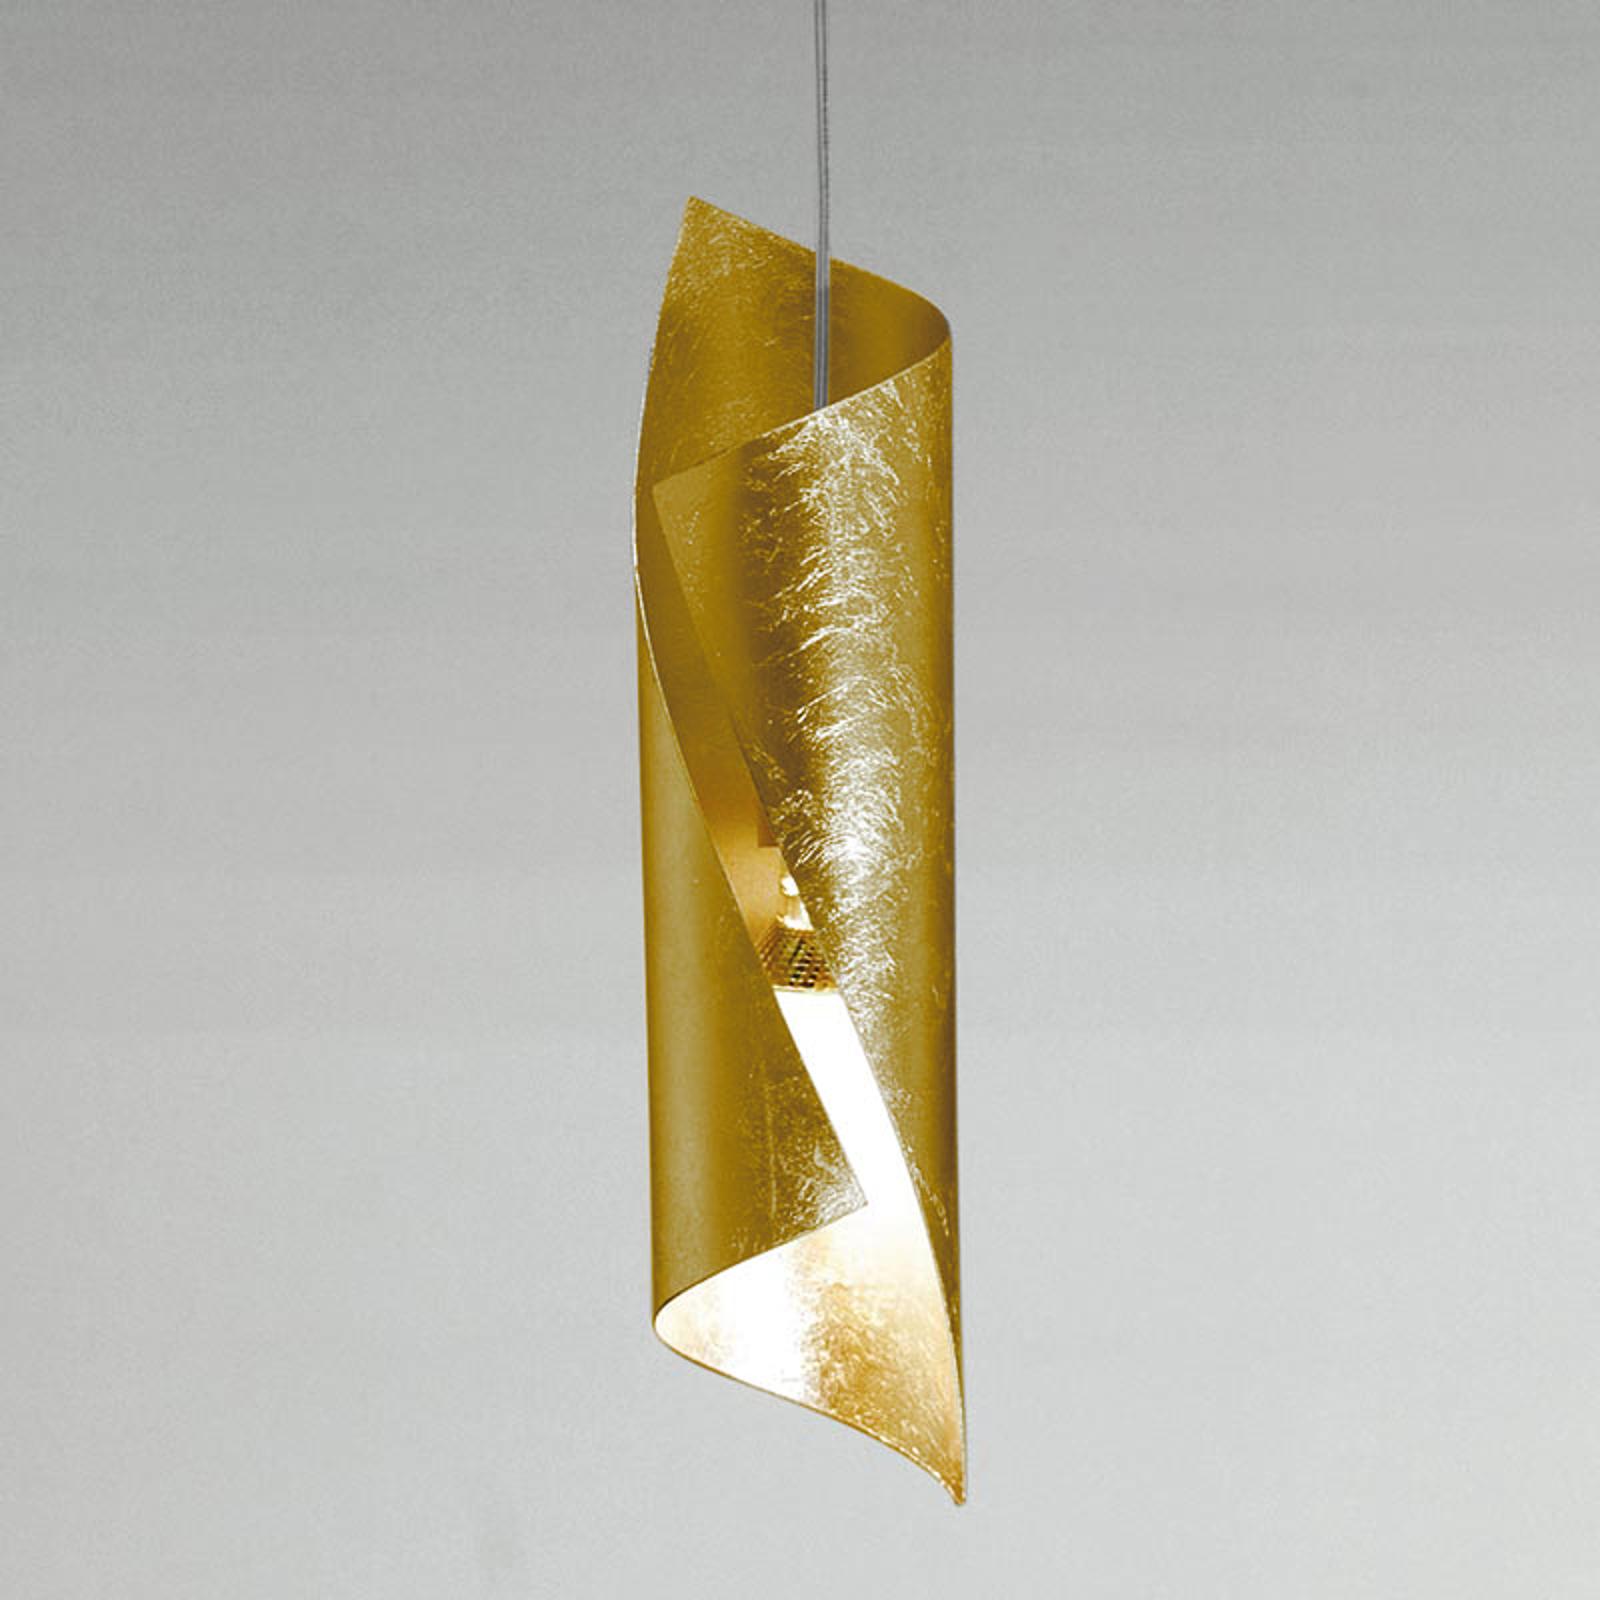 Knikerboker Hué závěsné světlo LED 8x37cm pozlátko